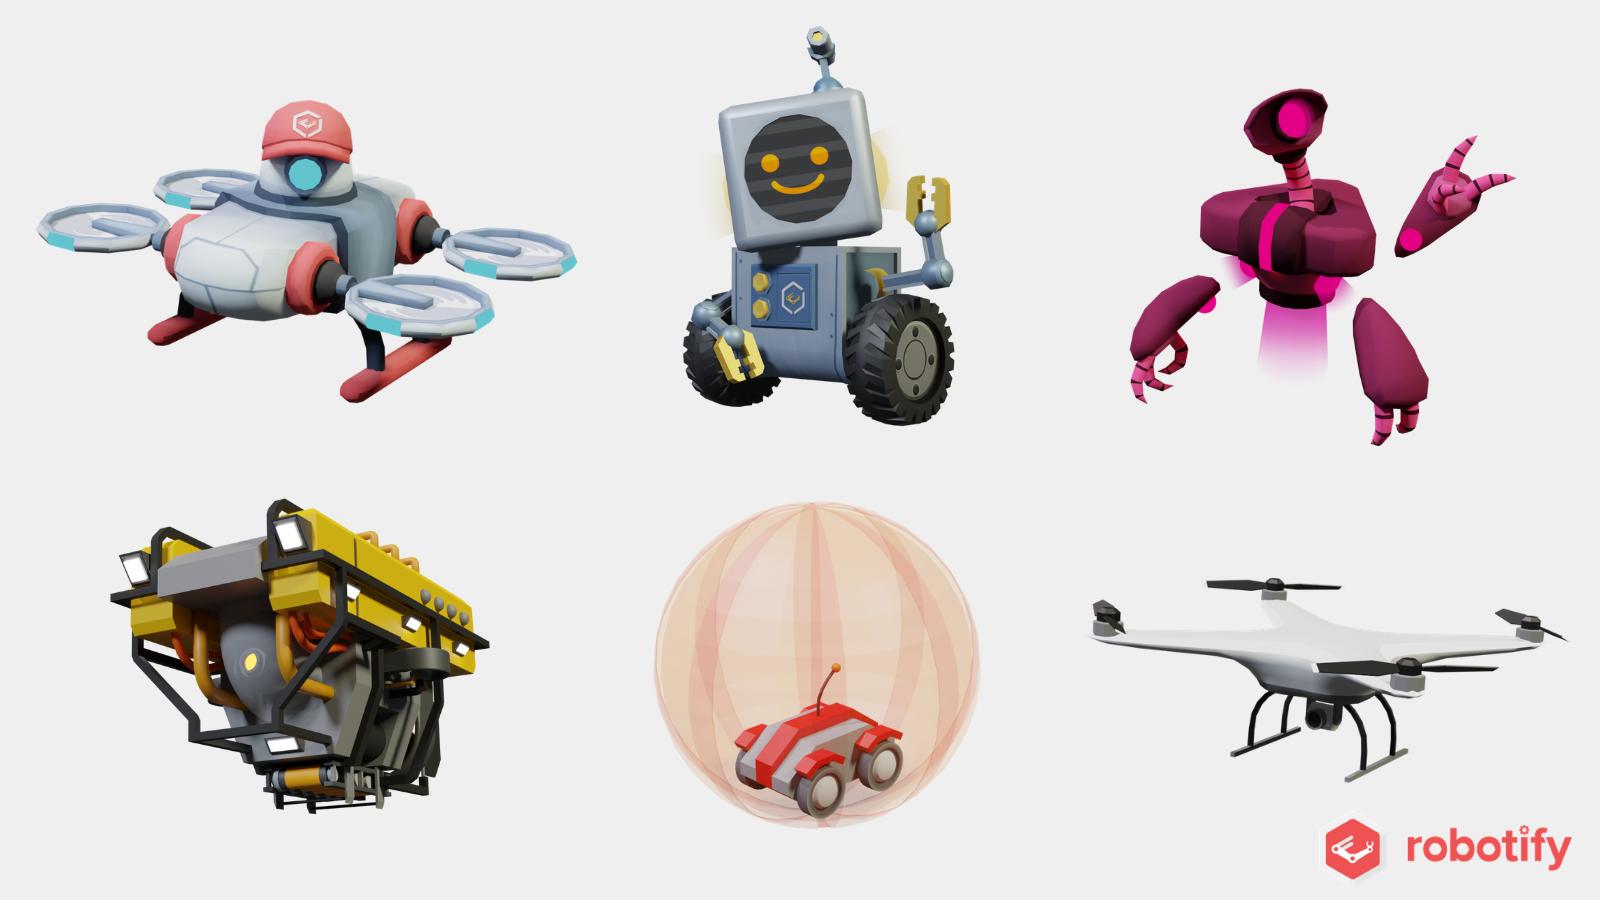 自由に動かせるバーチャルドローン、潜水艦、火星探査機などさまざまなパターンのコマンドから選択可能!